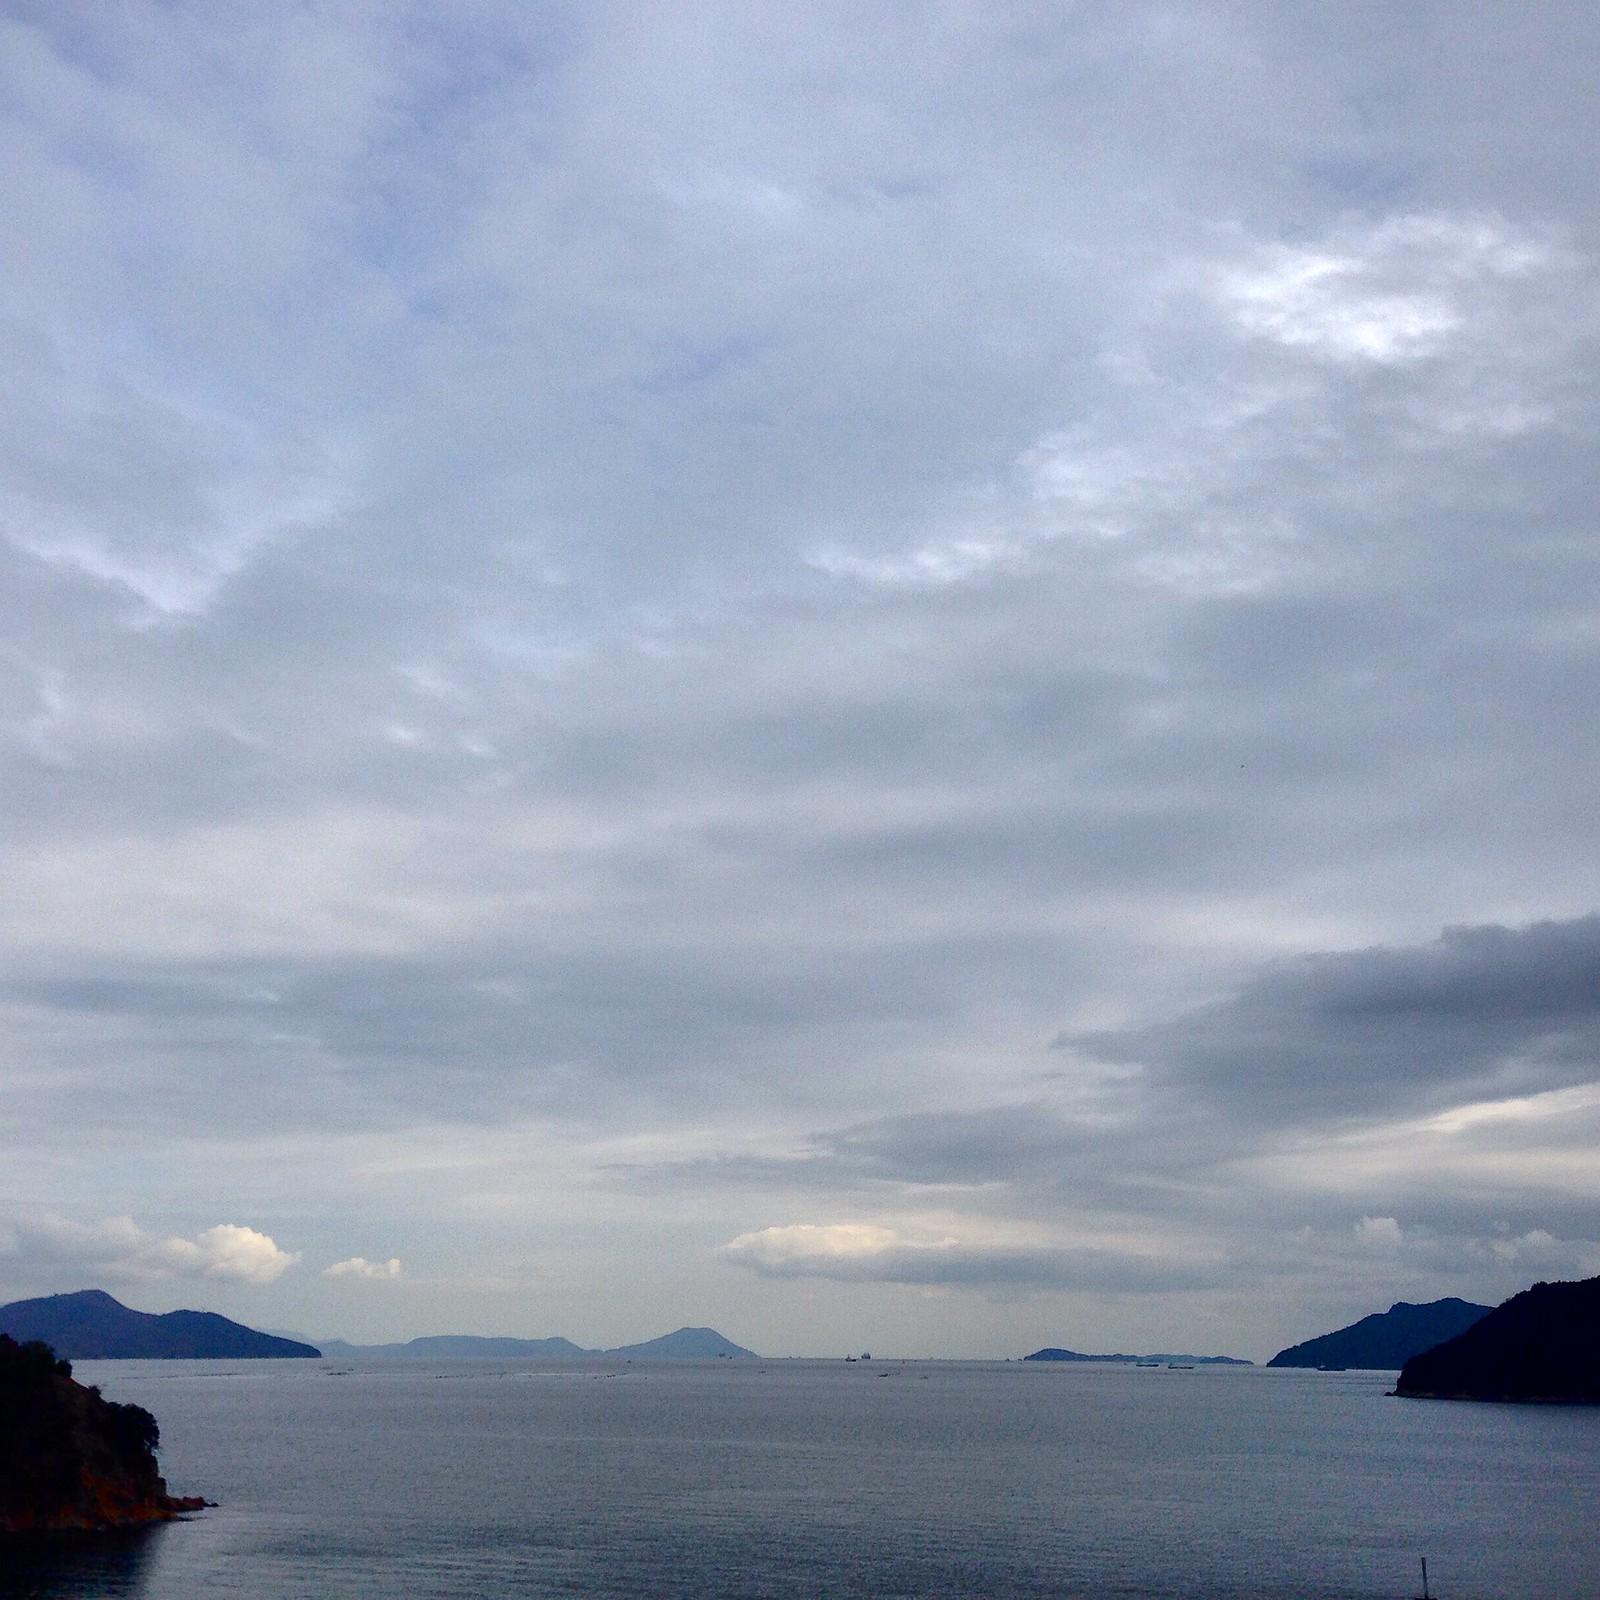 Naoshima Beauty